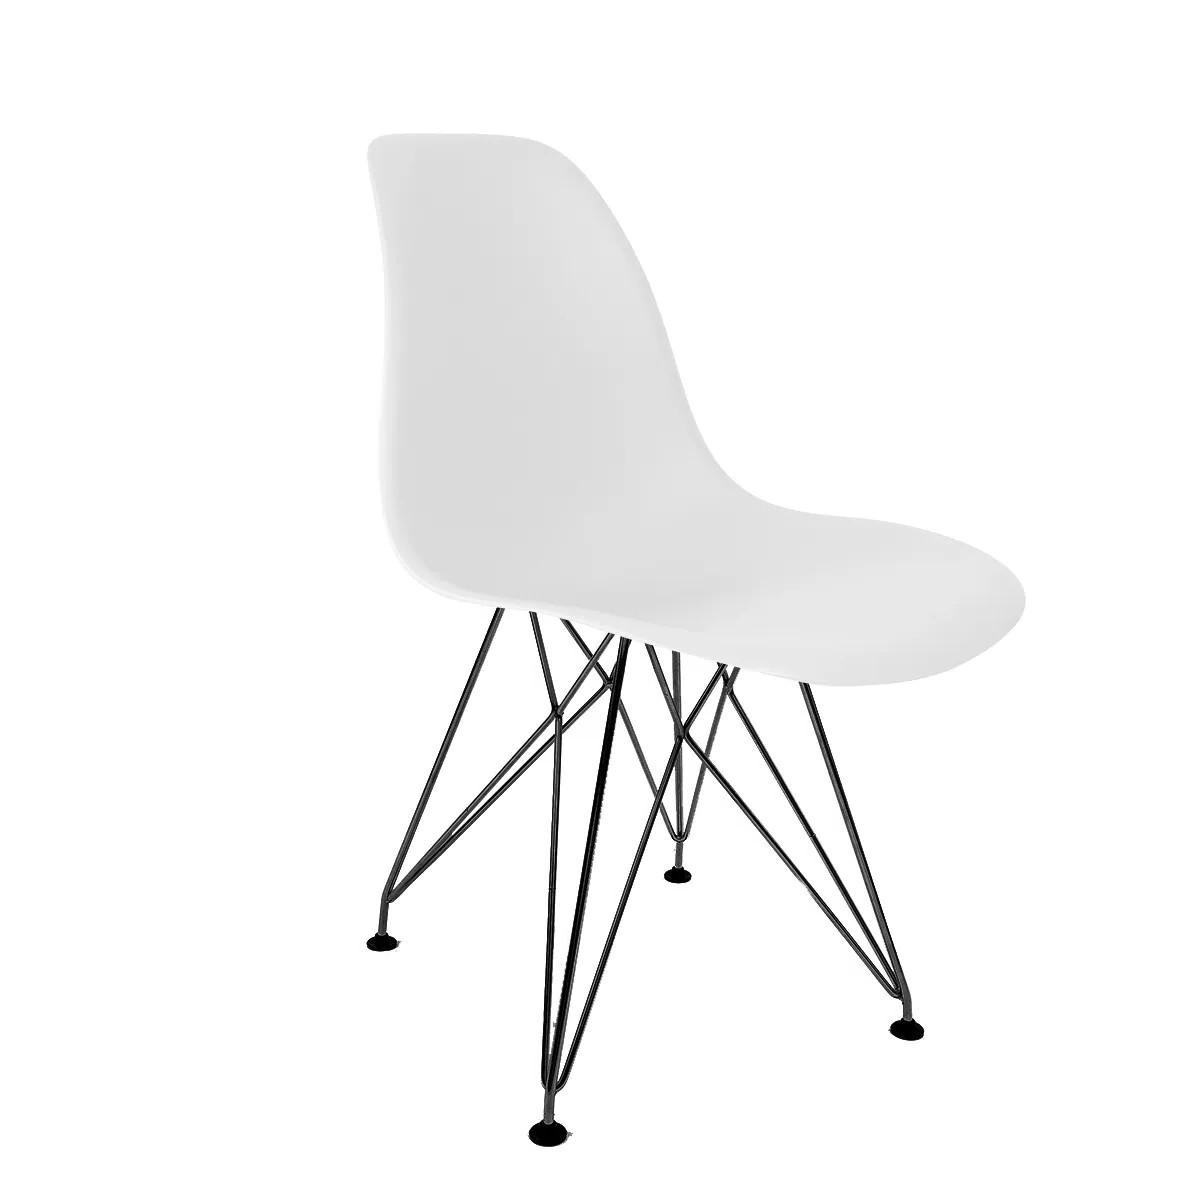 Cadeira Eames Branca - Base Eiffel Preta